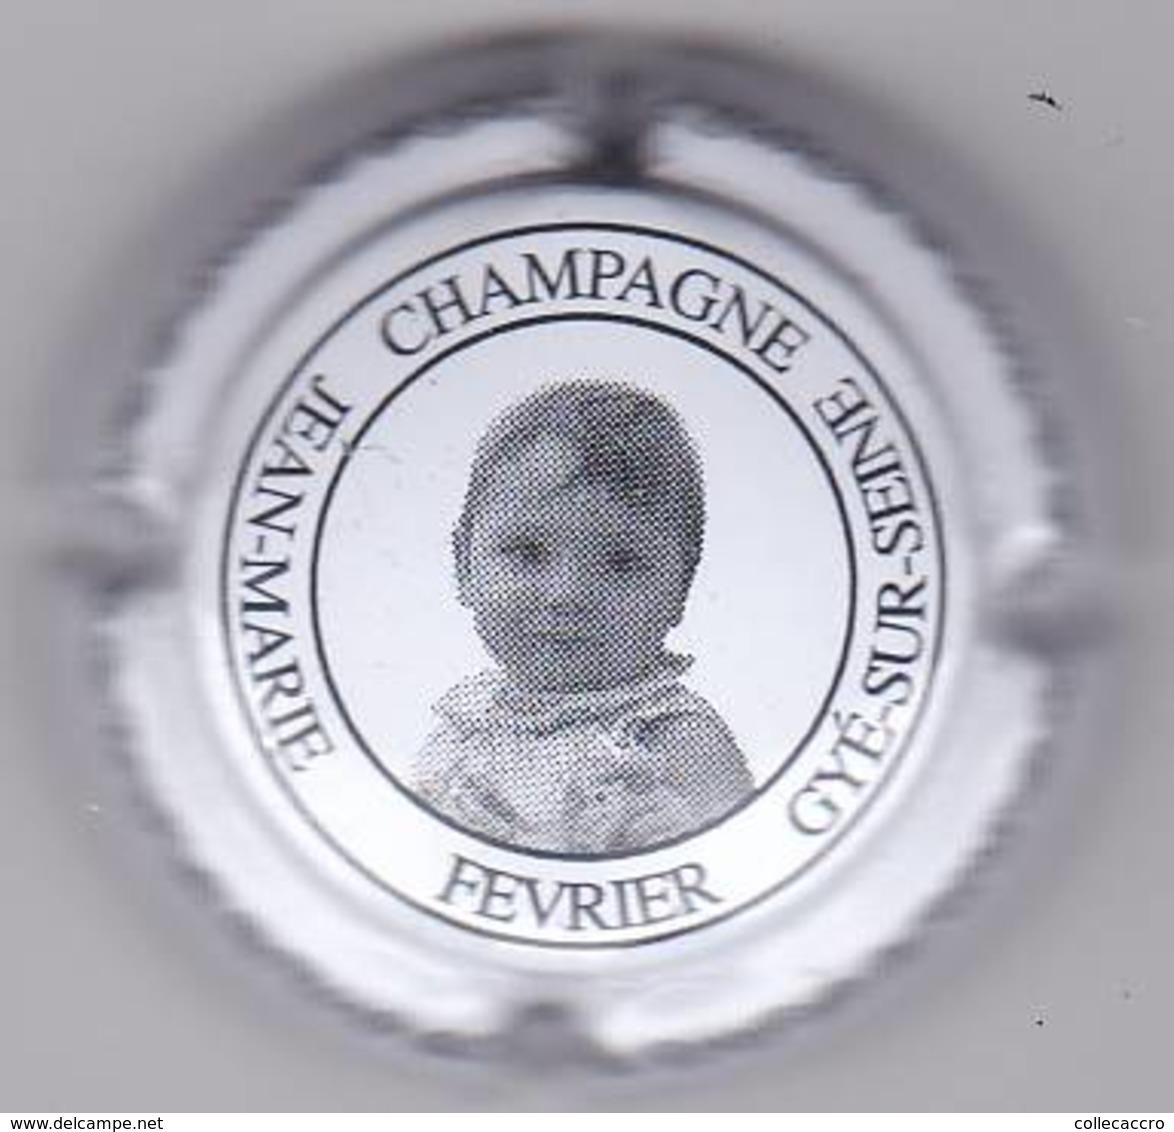 FEVRIER N°11 - Champagne